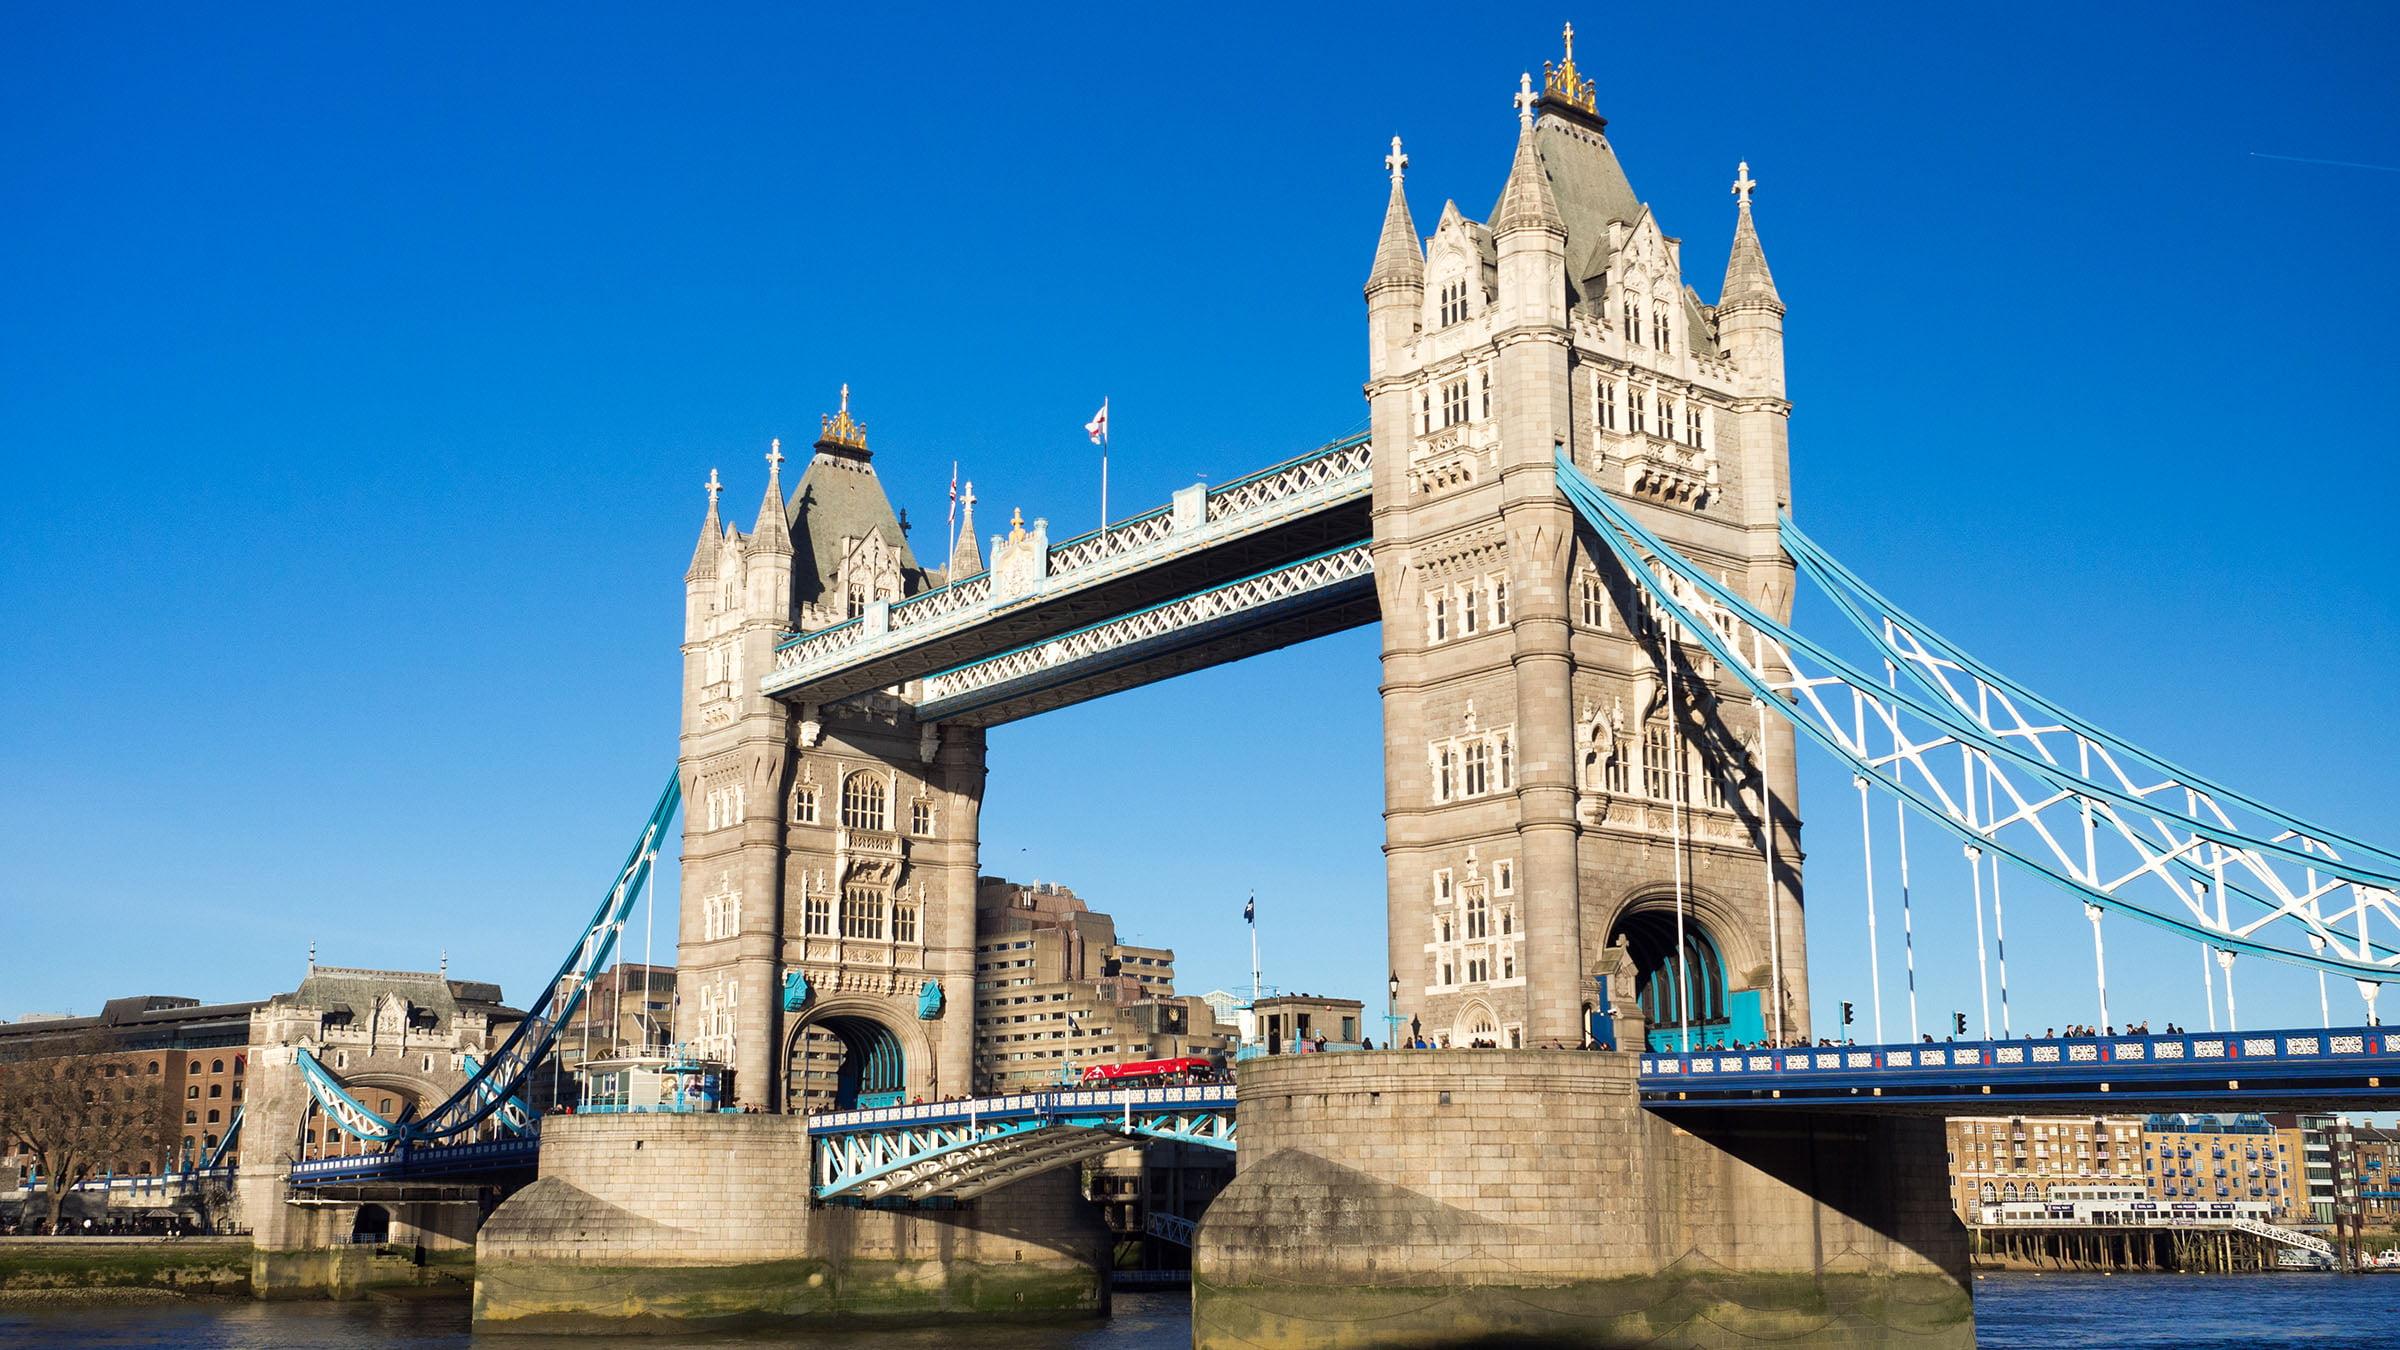 Monumentos de Inglaterra Londres Tower Bridge sobre el río Támesis